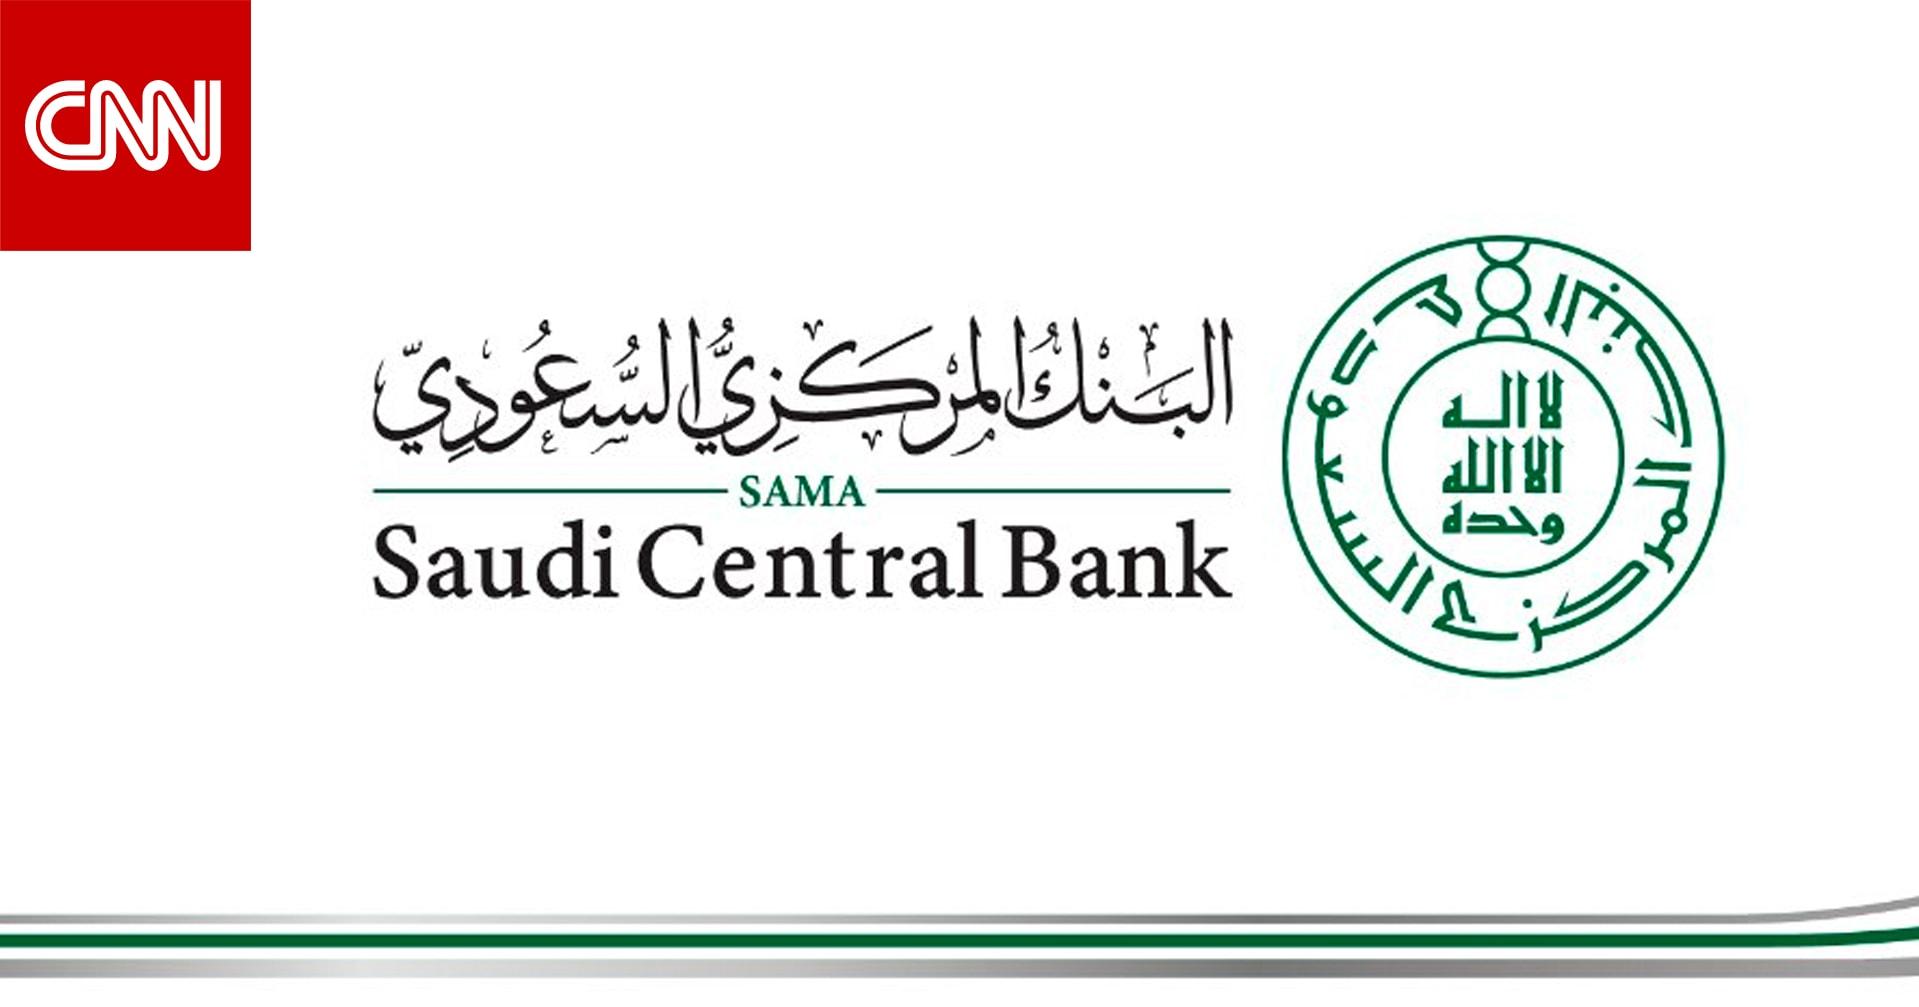 في السعودية.. اتفاق لتوطين وظائف القطاعات التي يشرف عليها البنك المركزي